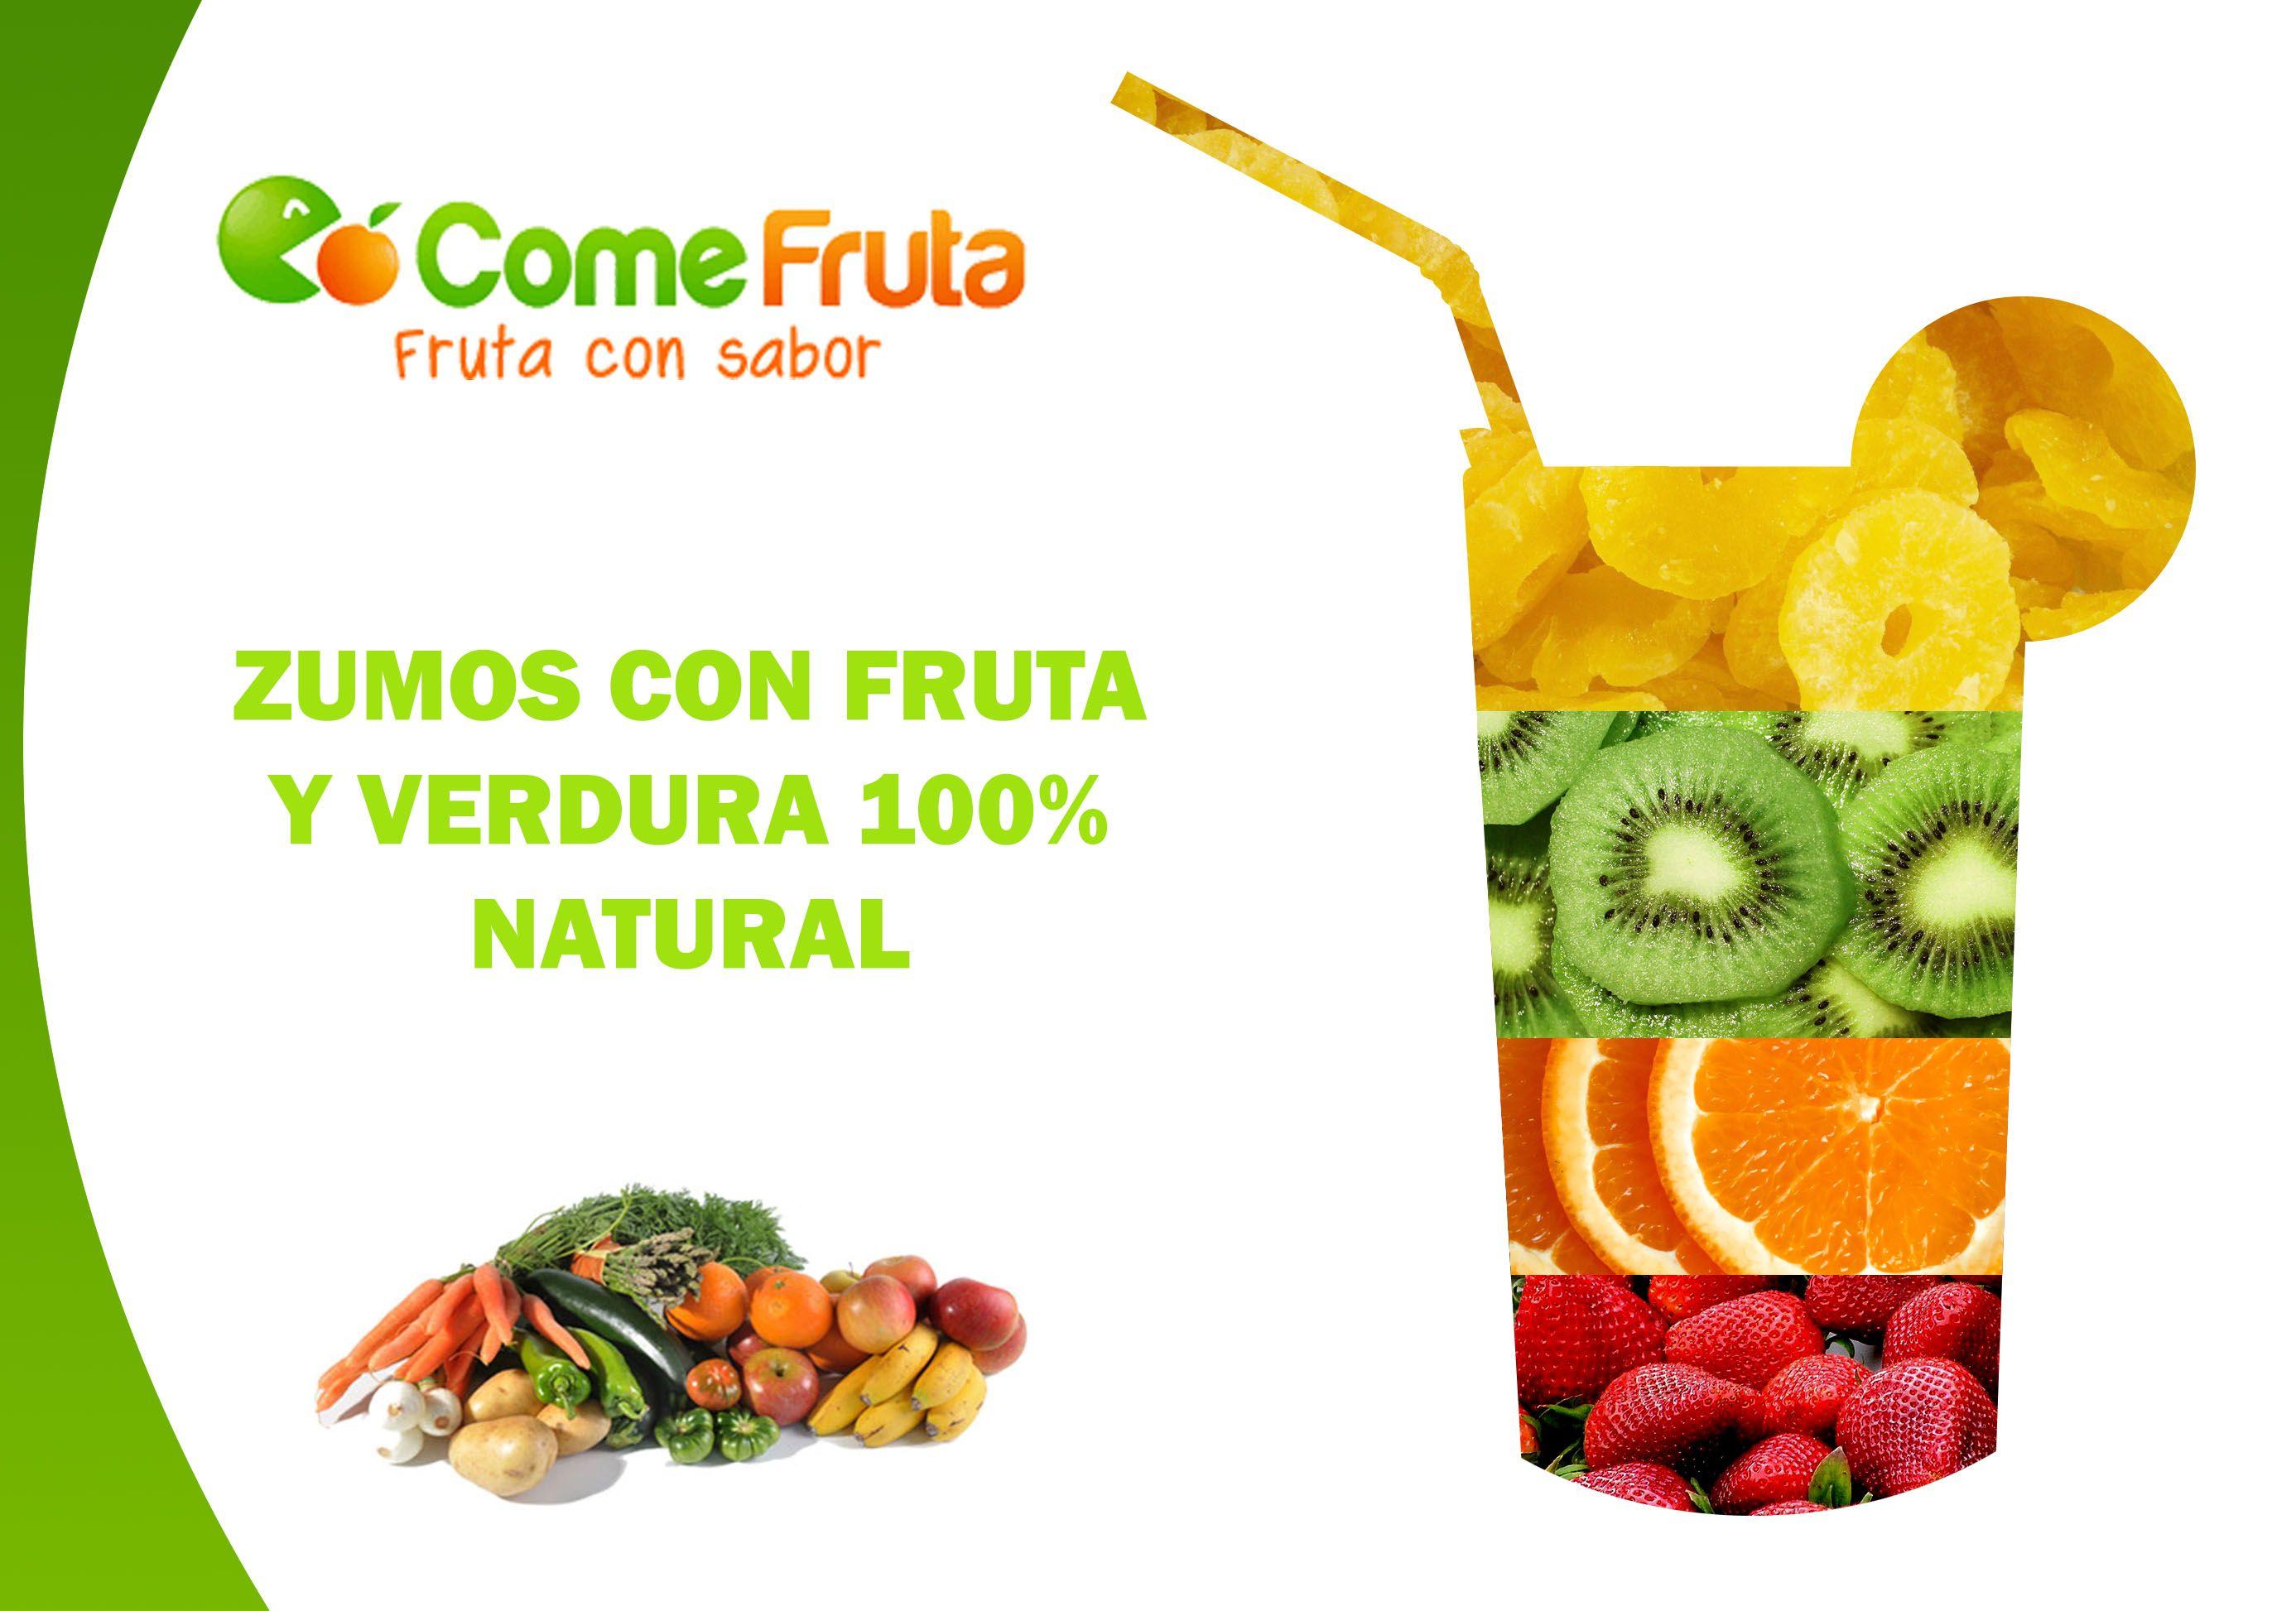 Zumos Depurativos, una forma alternativa de tomar la dieta de verduras y fruta